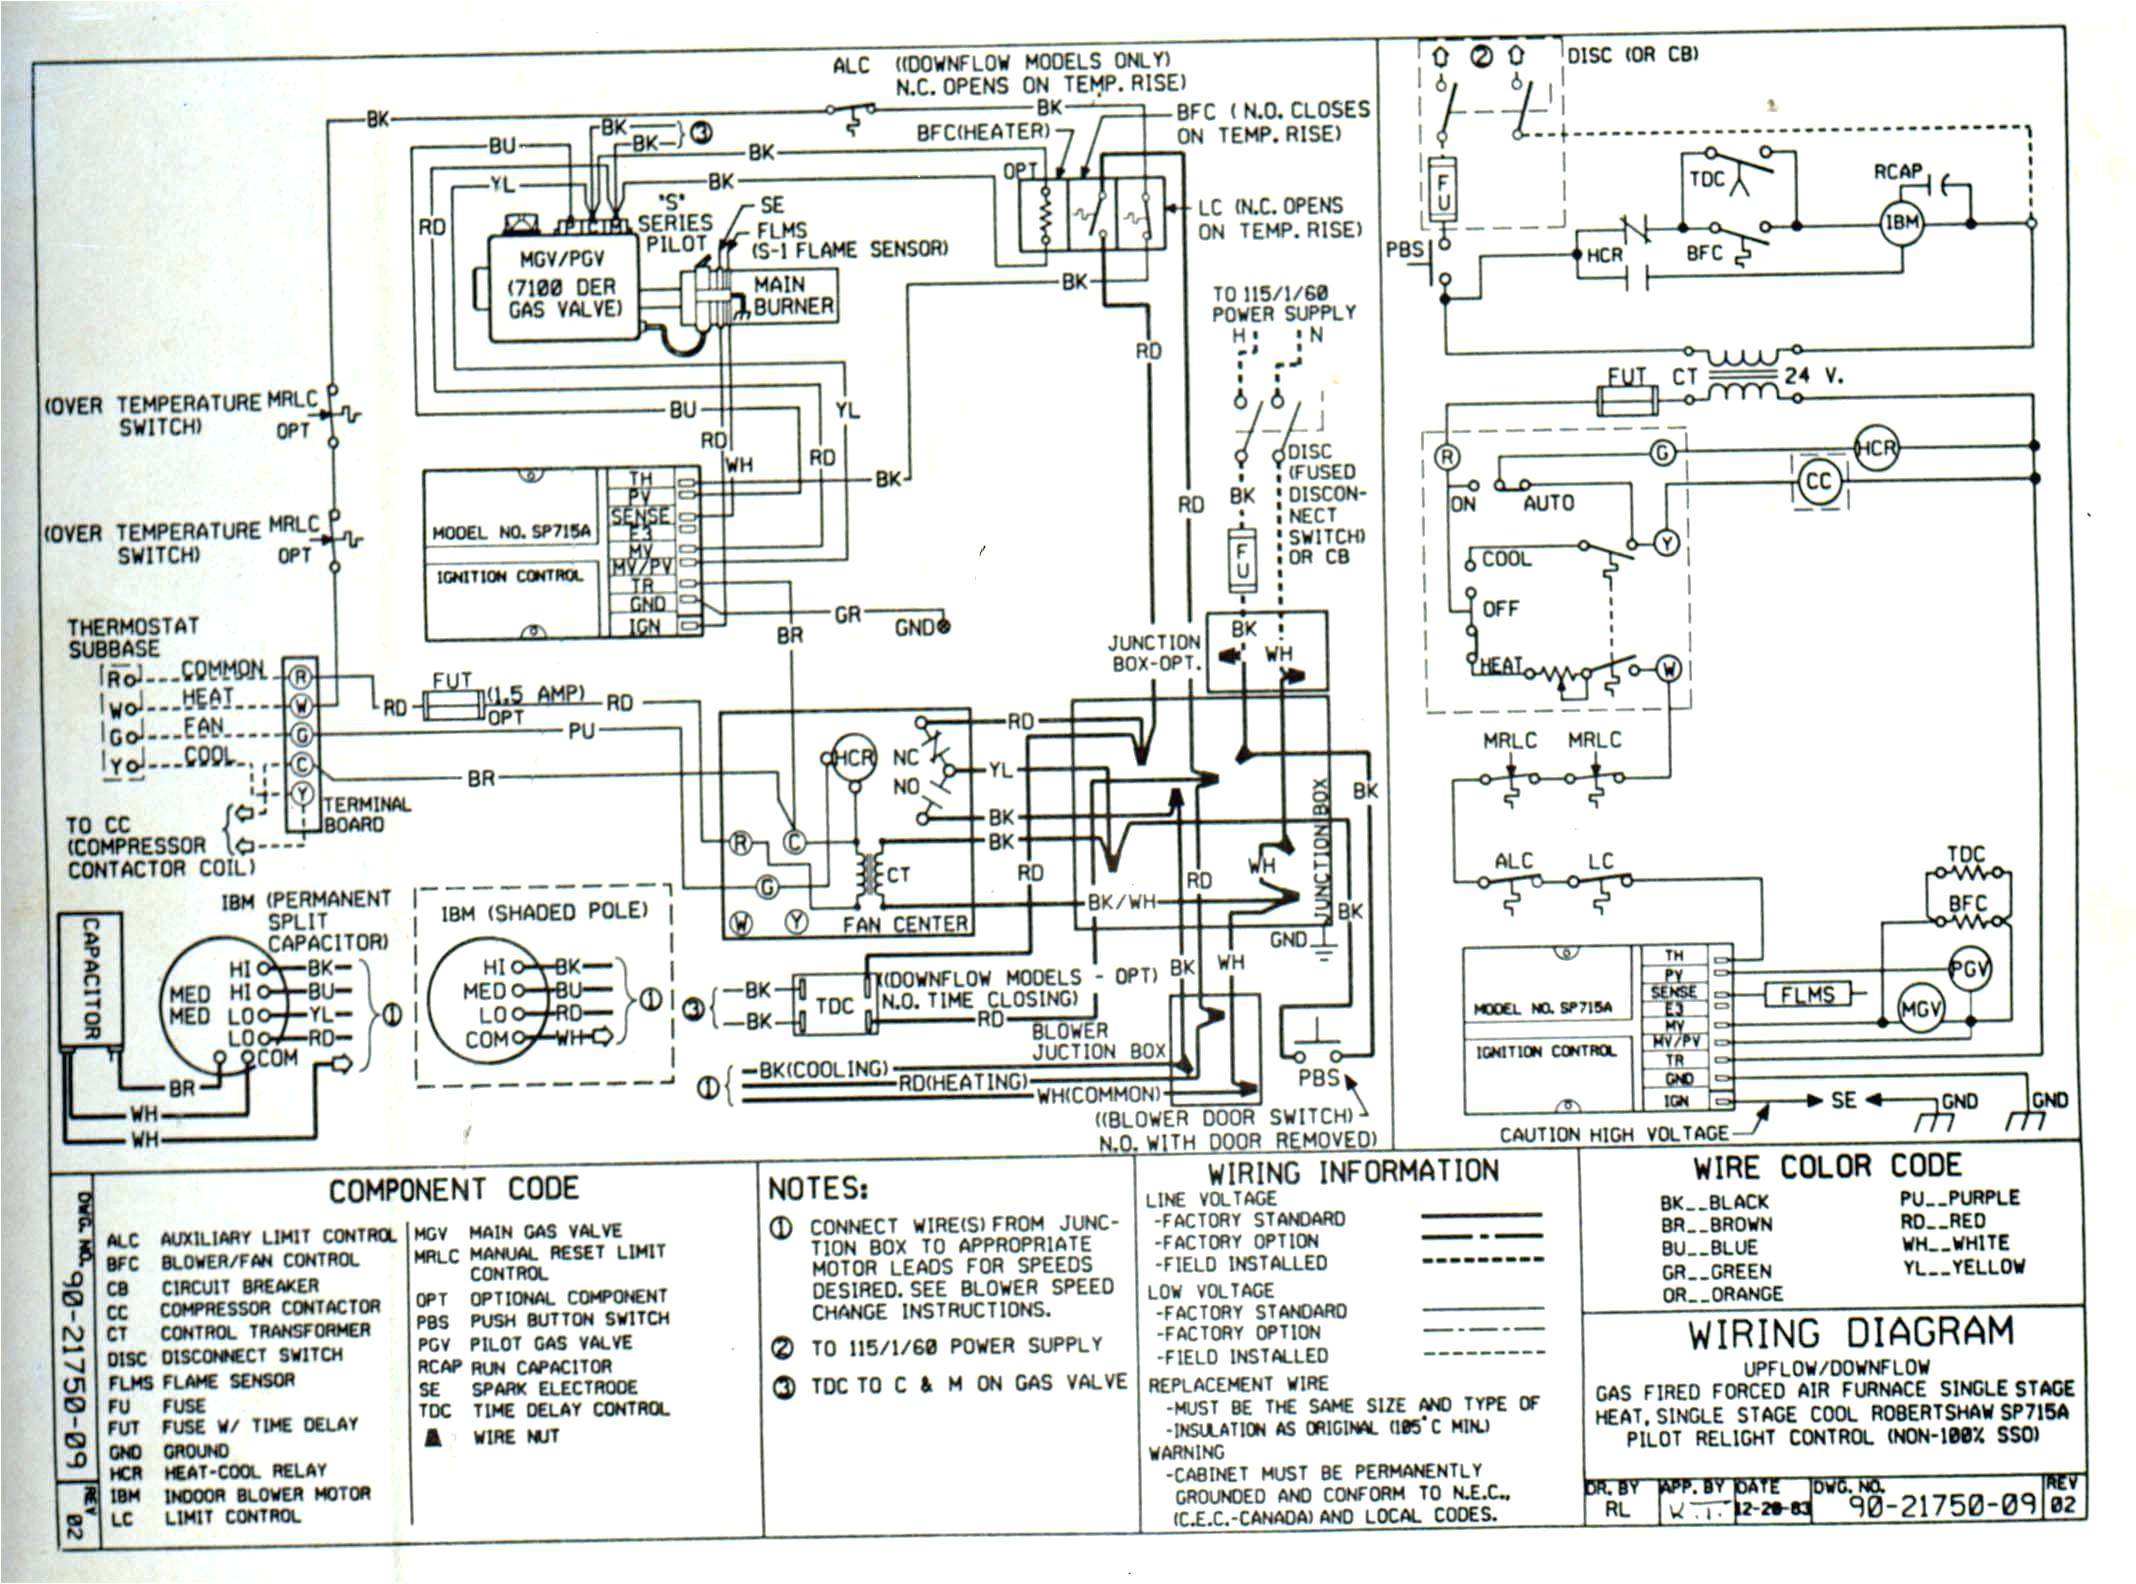 trane gas furnace wiring diagram wiring diagram post henry old furnace wiring diagram